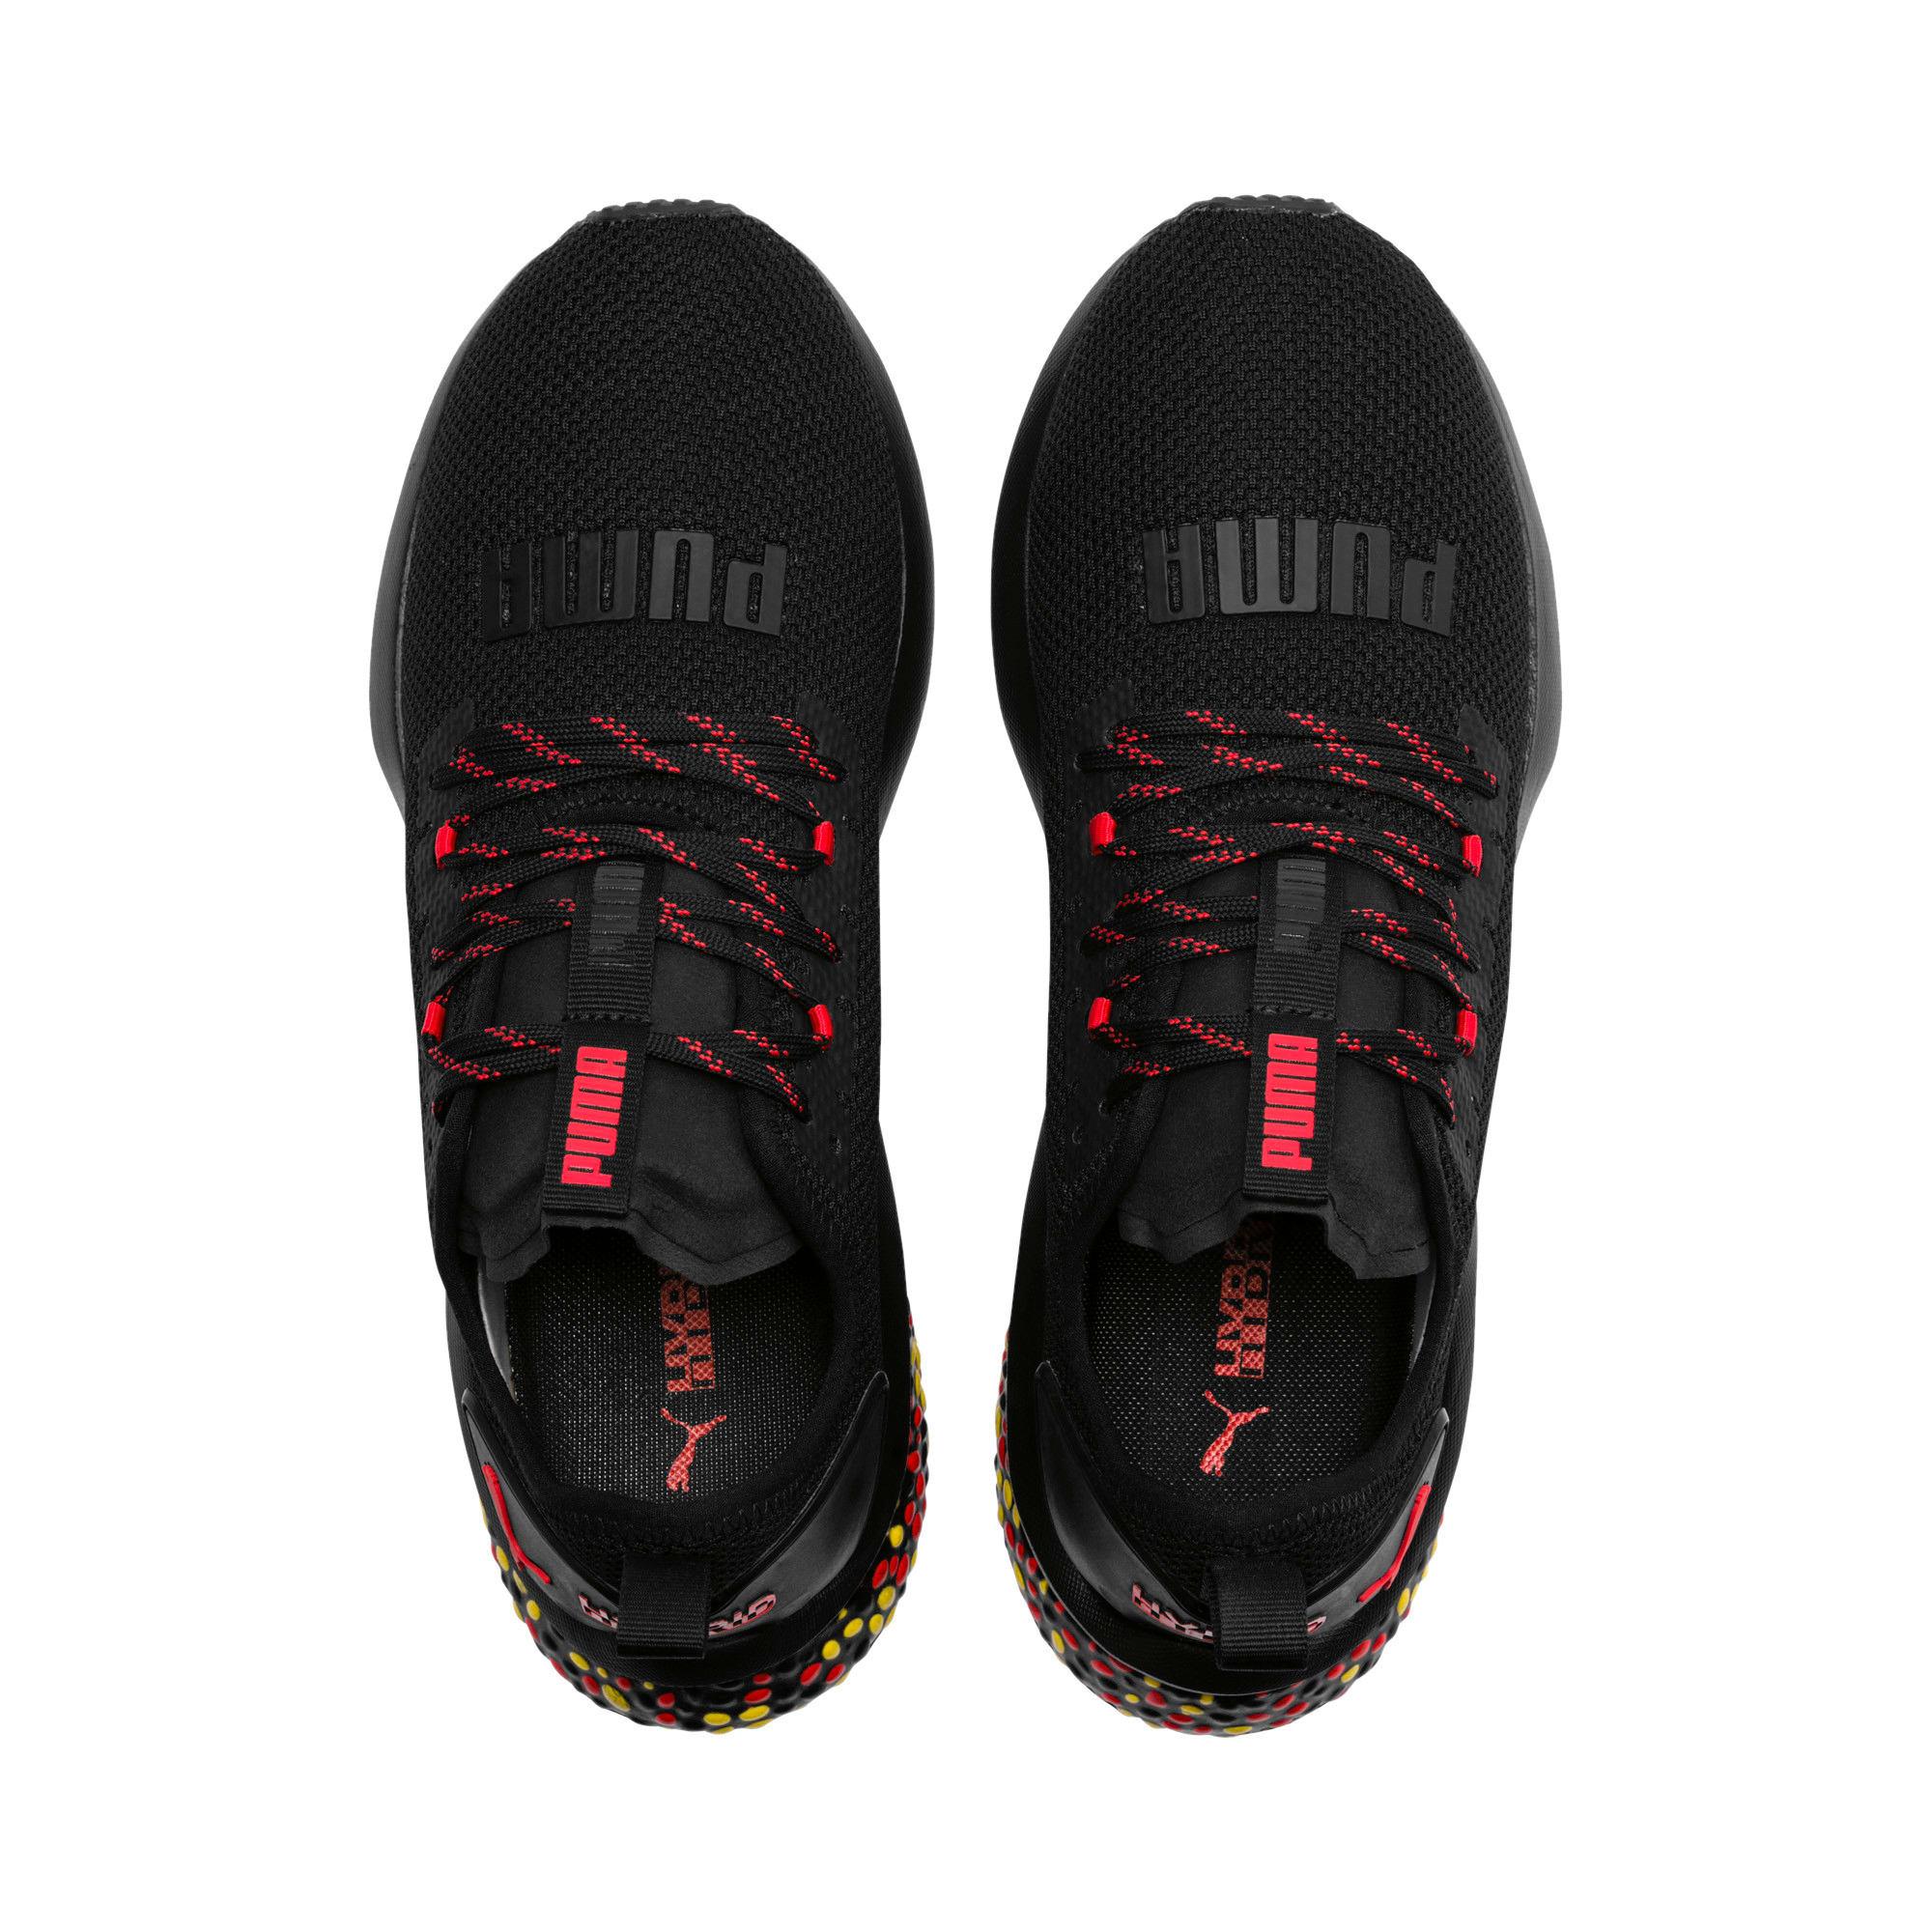 Thumbnail 6 of HYBRID NX hardloopschoenen voor heren, Black-Red-Yellow, medium